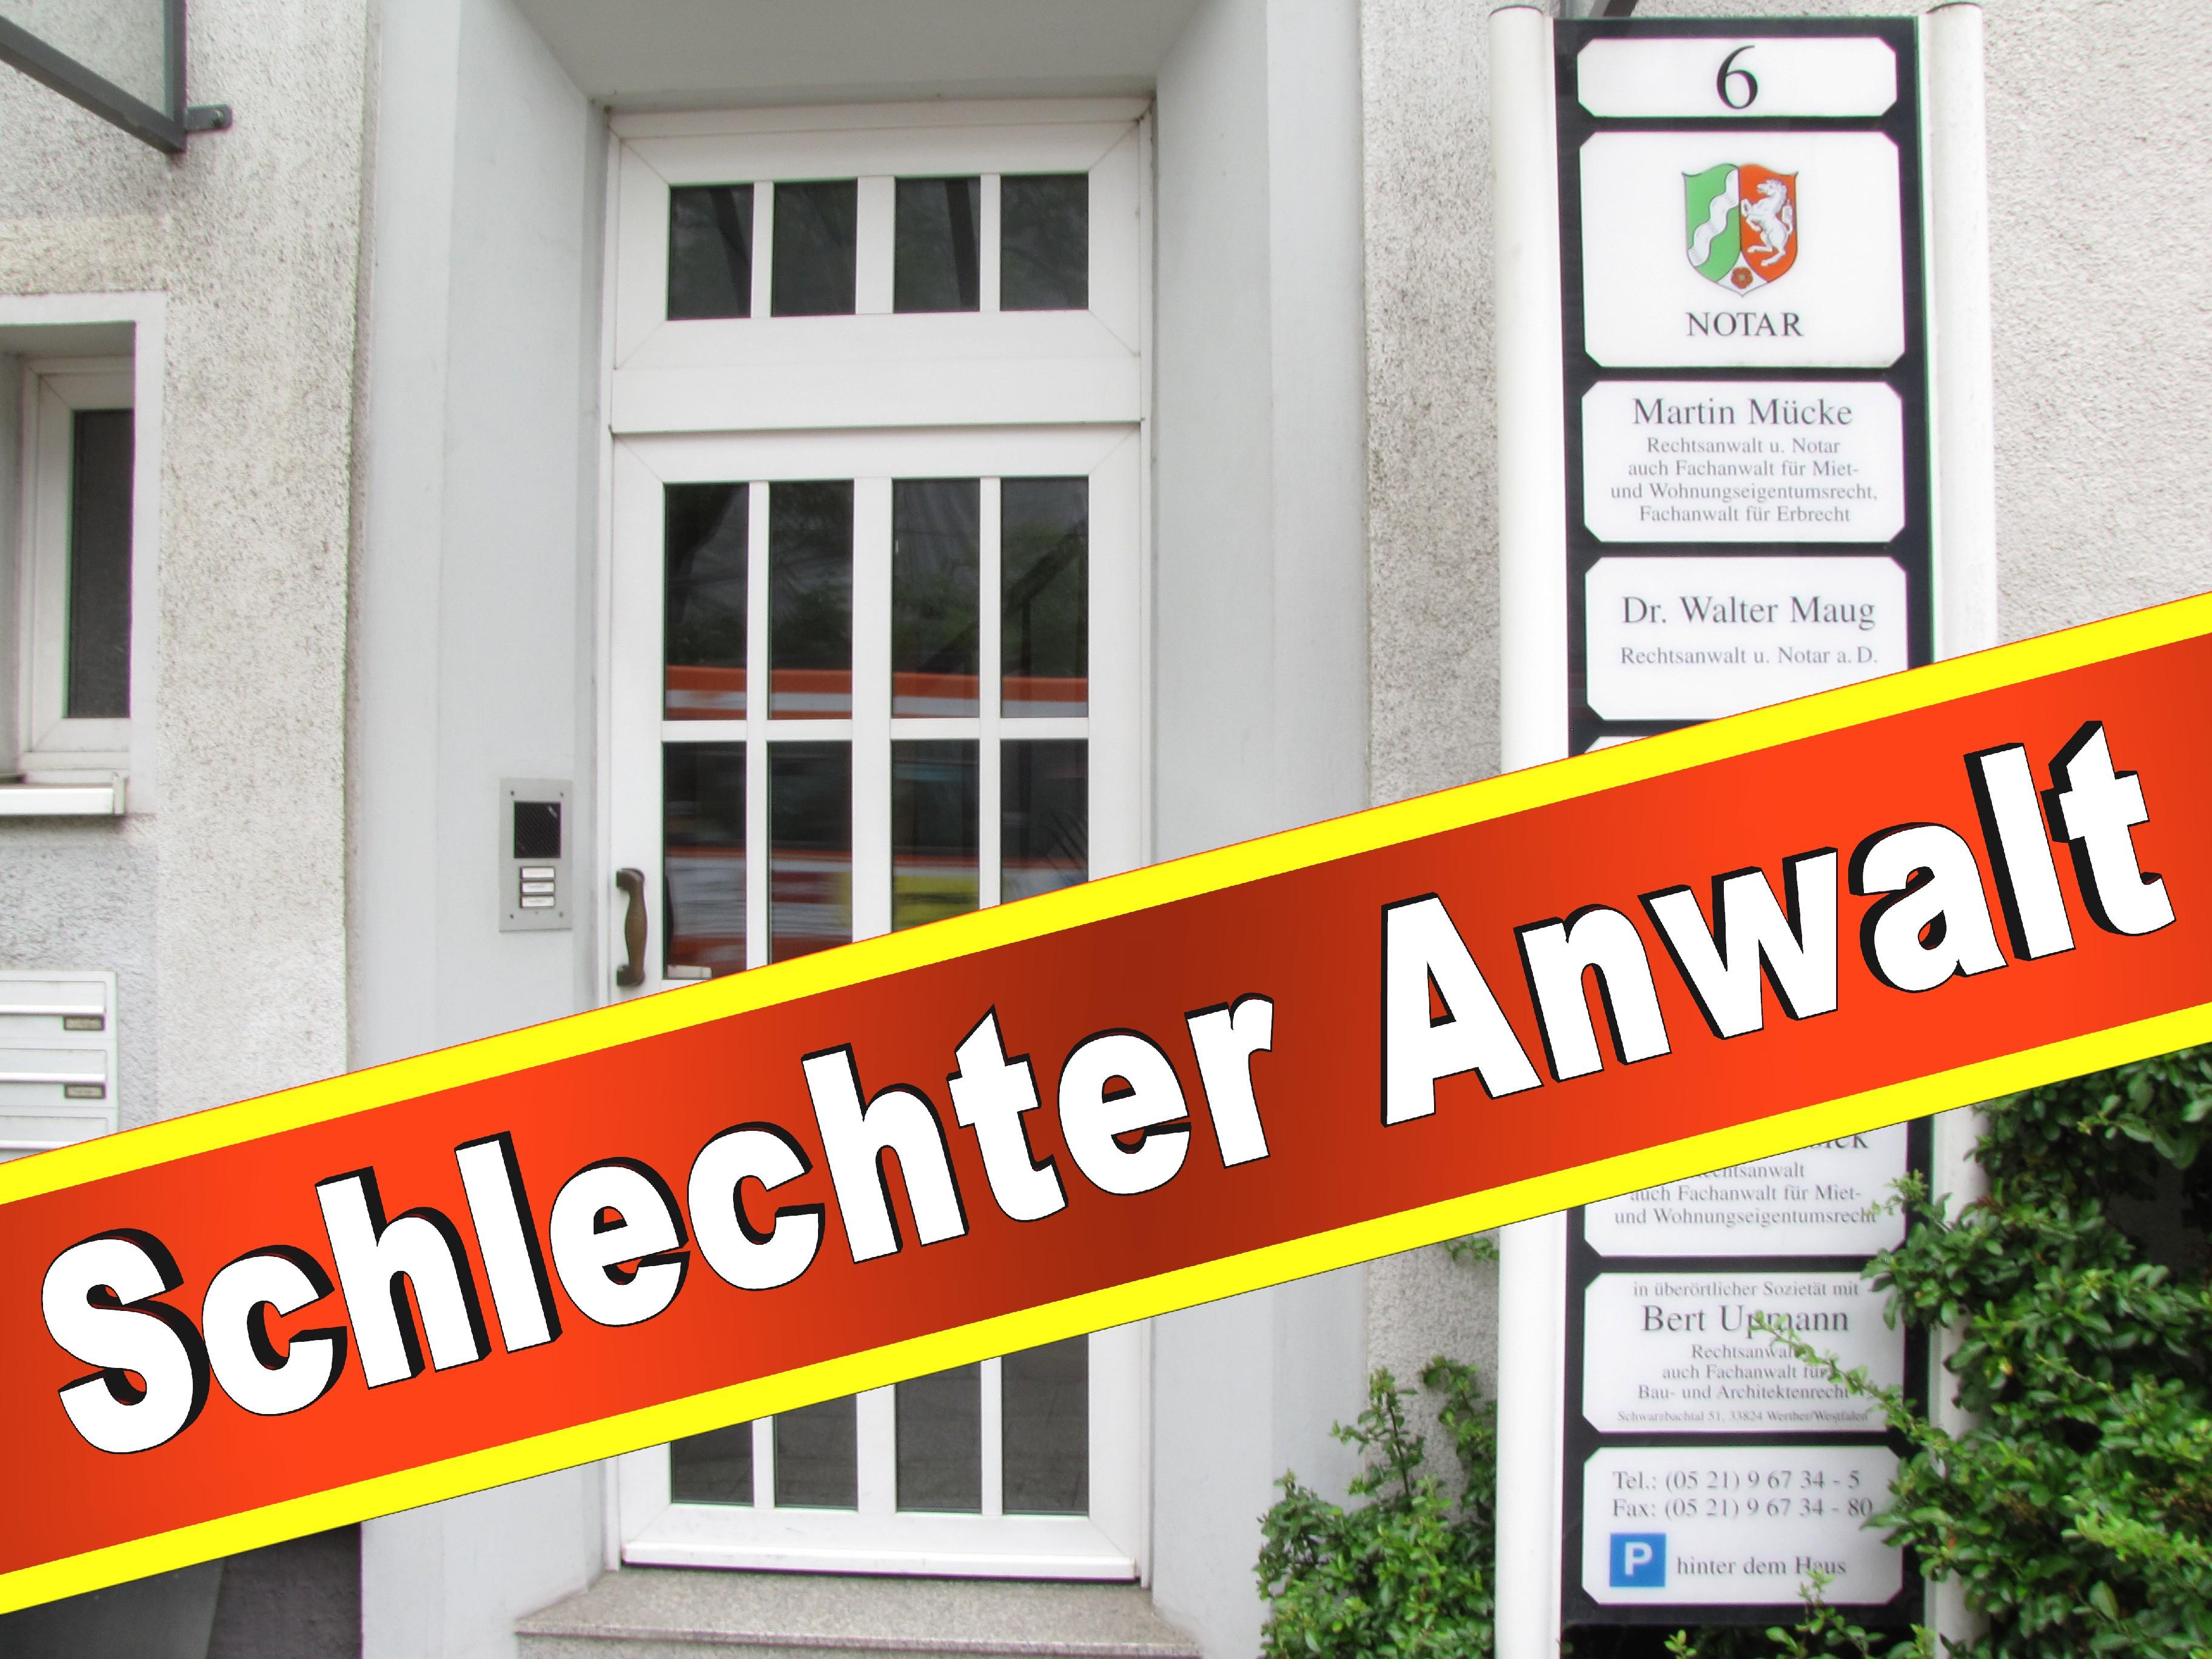 Rechtsanwalt Martin Mücke Bielefeld Maug Und Mücke Kanzlei Rechtsanwaltskanzlei 8 Kopie (2)